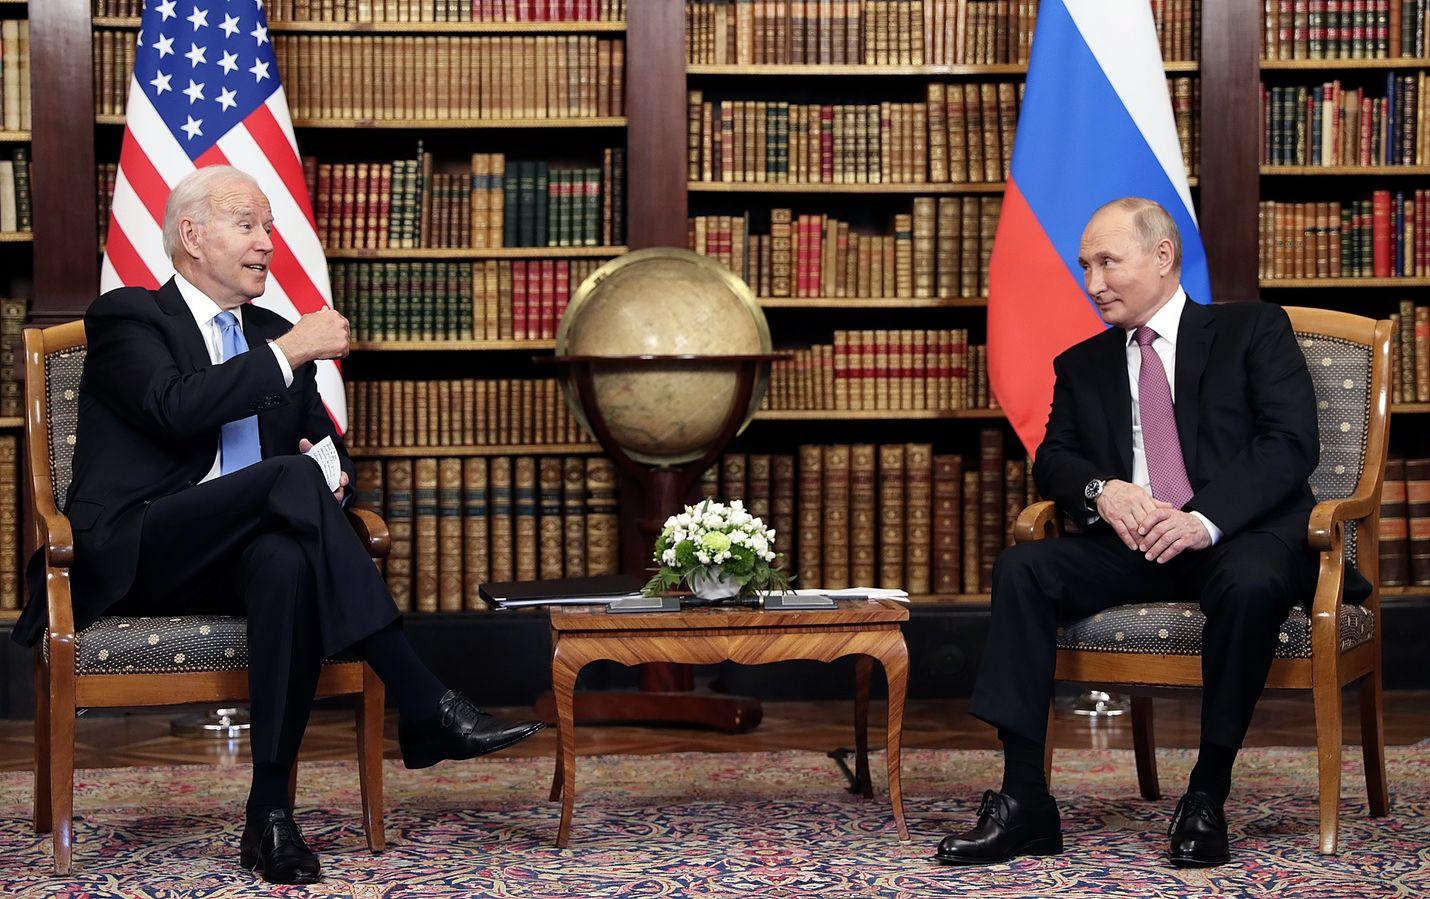 Yhdysvaltain presidentti Joe Biden ja Venäjän johtaja Vladimir Putin tapasivat Sveitsin Genevessä kesäkuussa. Tapaamisessa keskusteltiin muun muassa tavoista, joilla maat voisivat yhteisvoimin parantaa kyberturvallisuutta Venäjältä tulleista toistuvista hyökkäyksistä huolimatta.